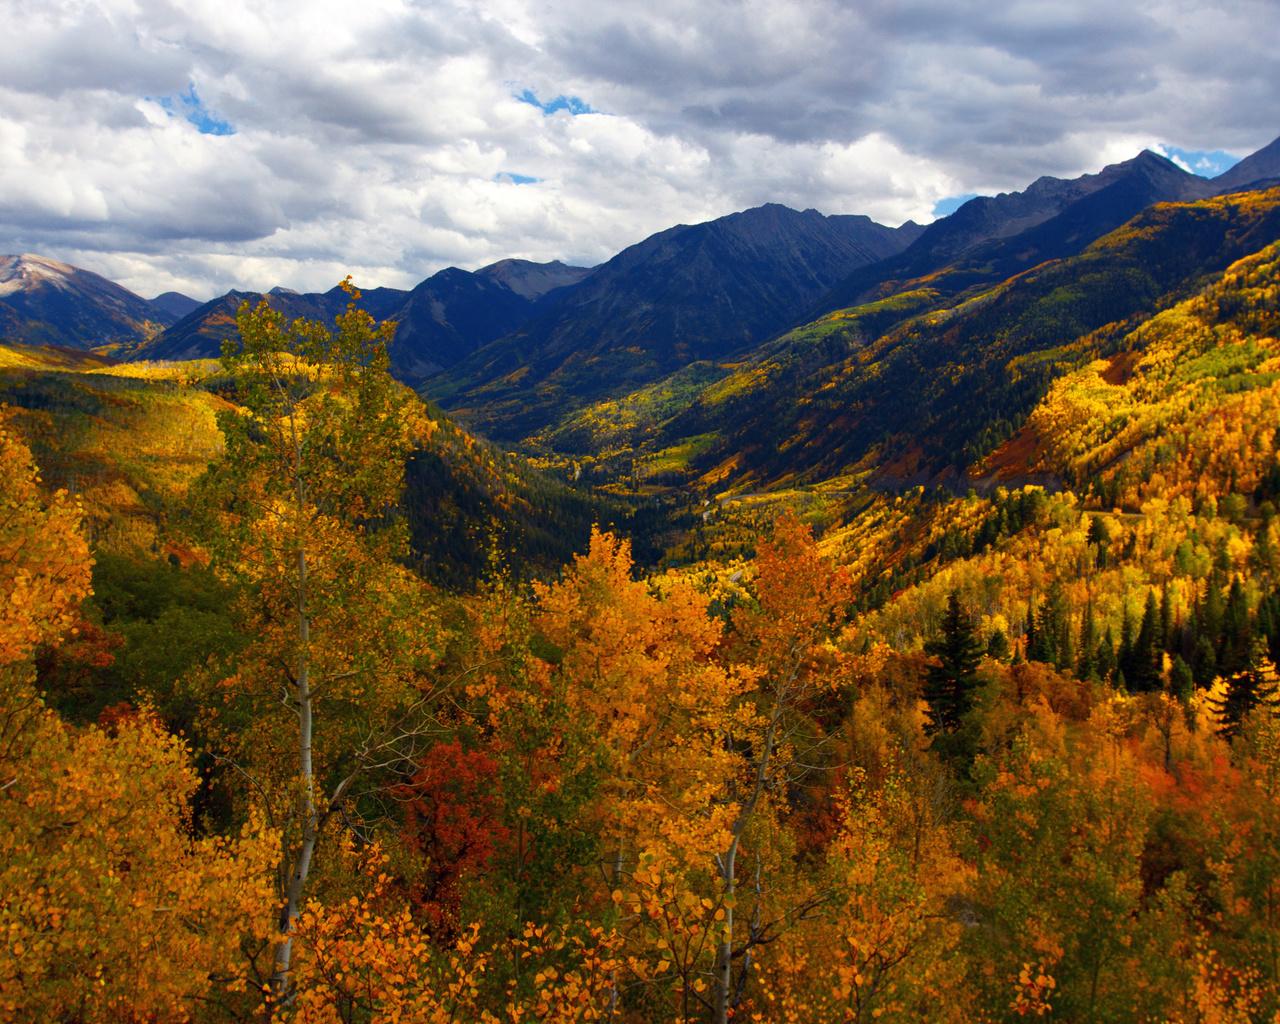 природа, красиво, облака,небо,горы,склоны,деревья,осень,крона,листва,красная,желтая,